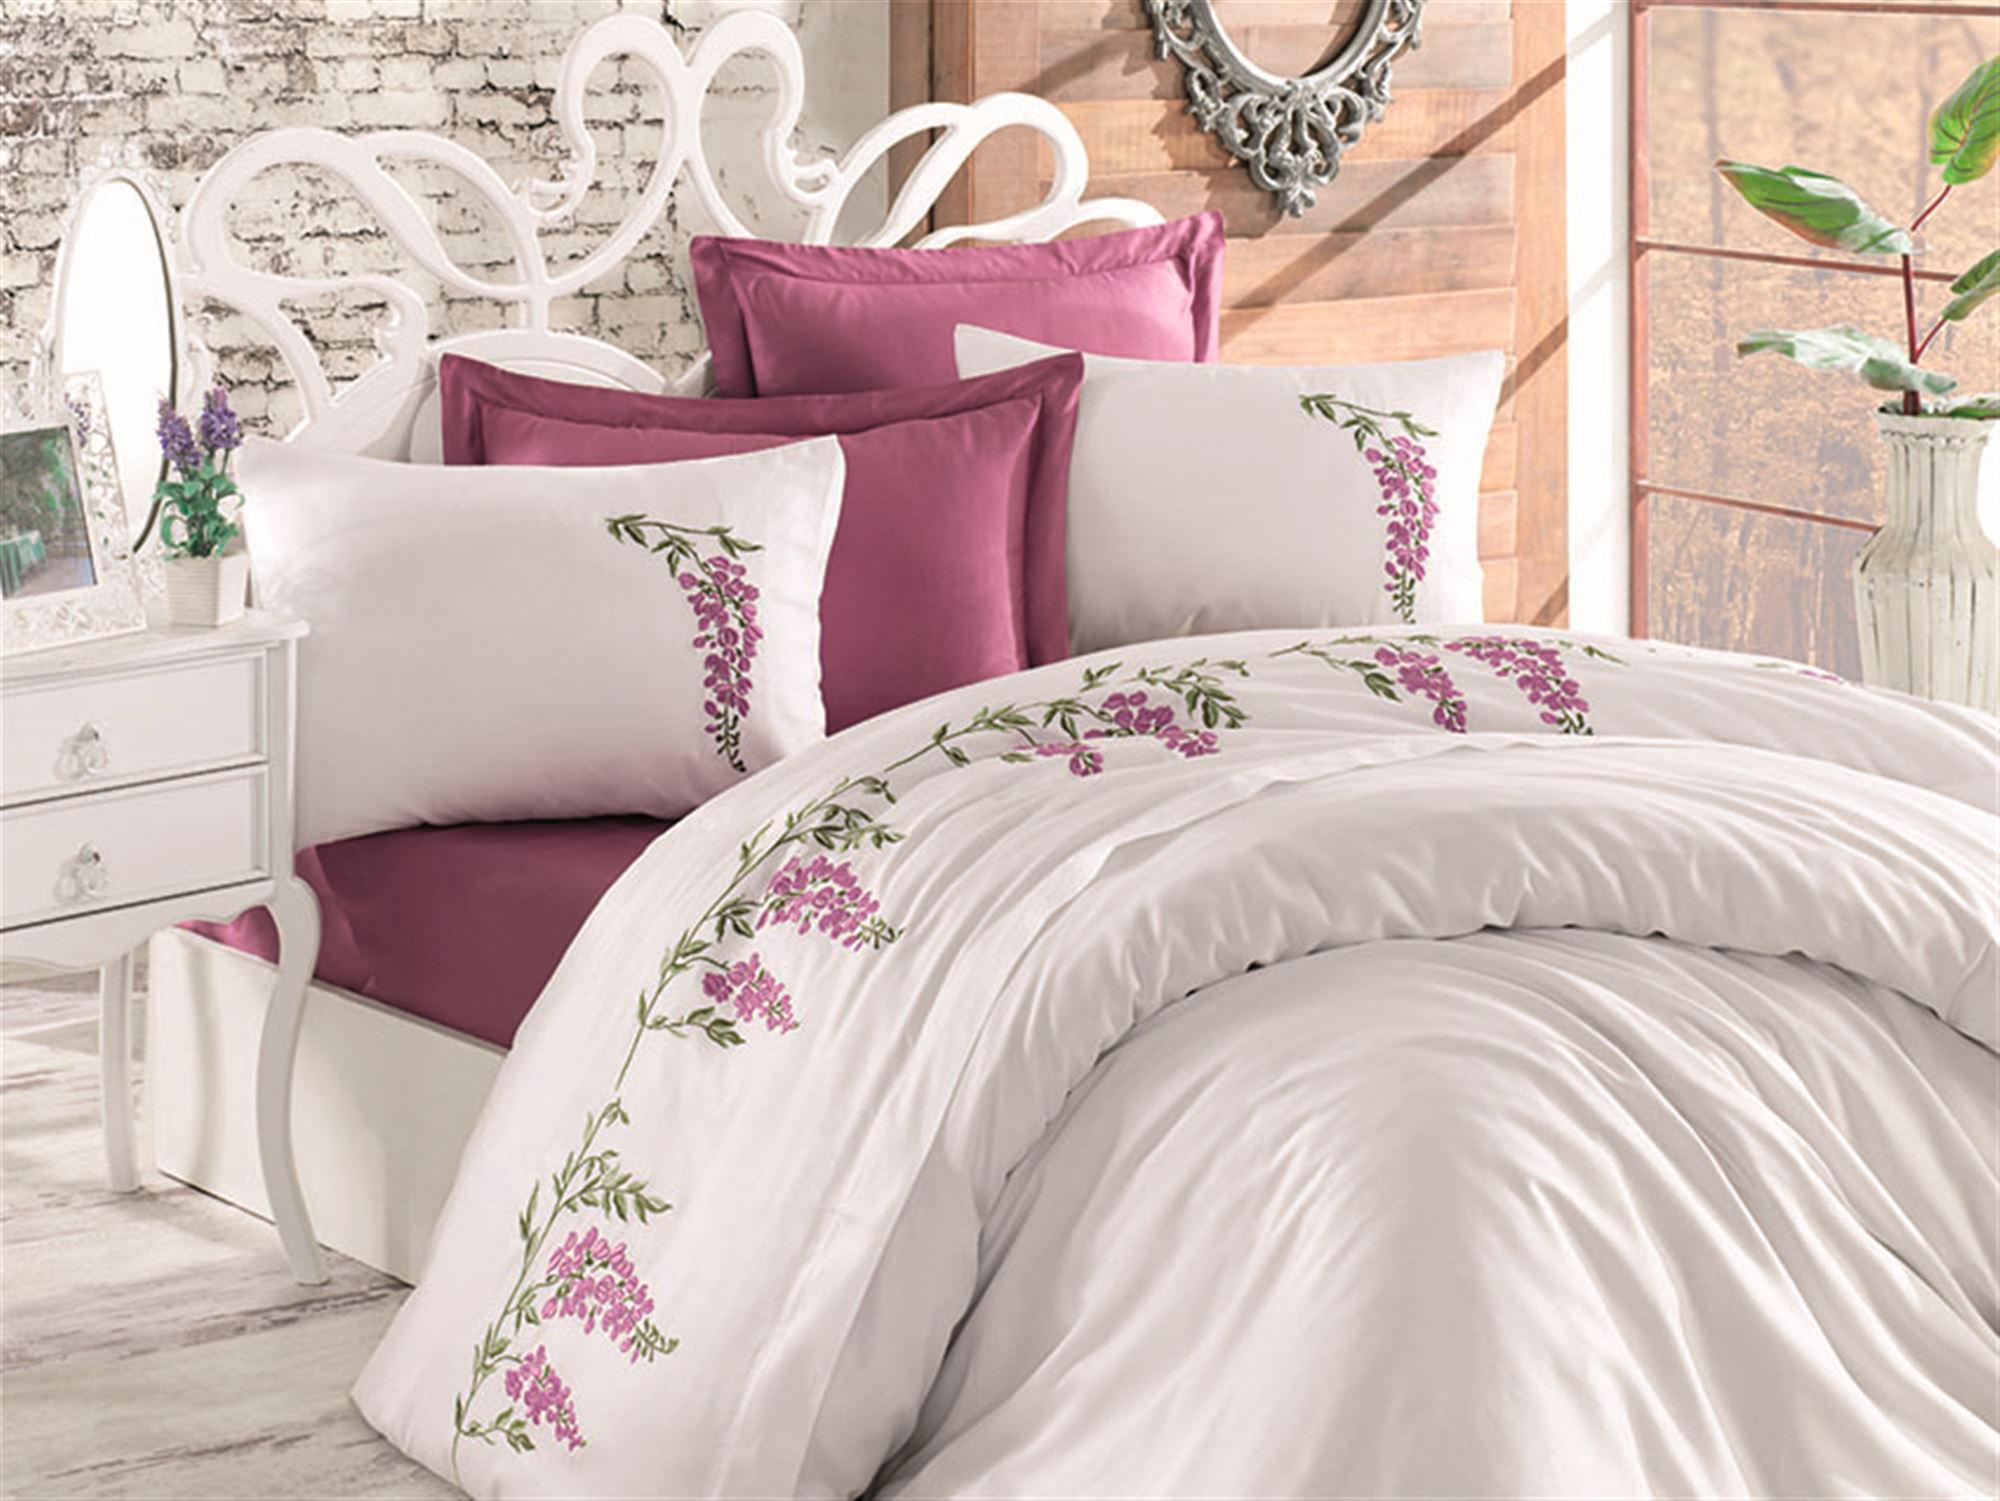 Комплекты постельного белья Dantela Vita dan381732